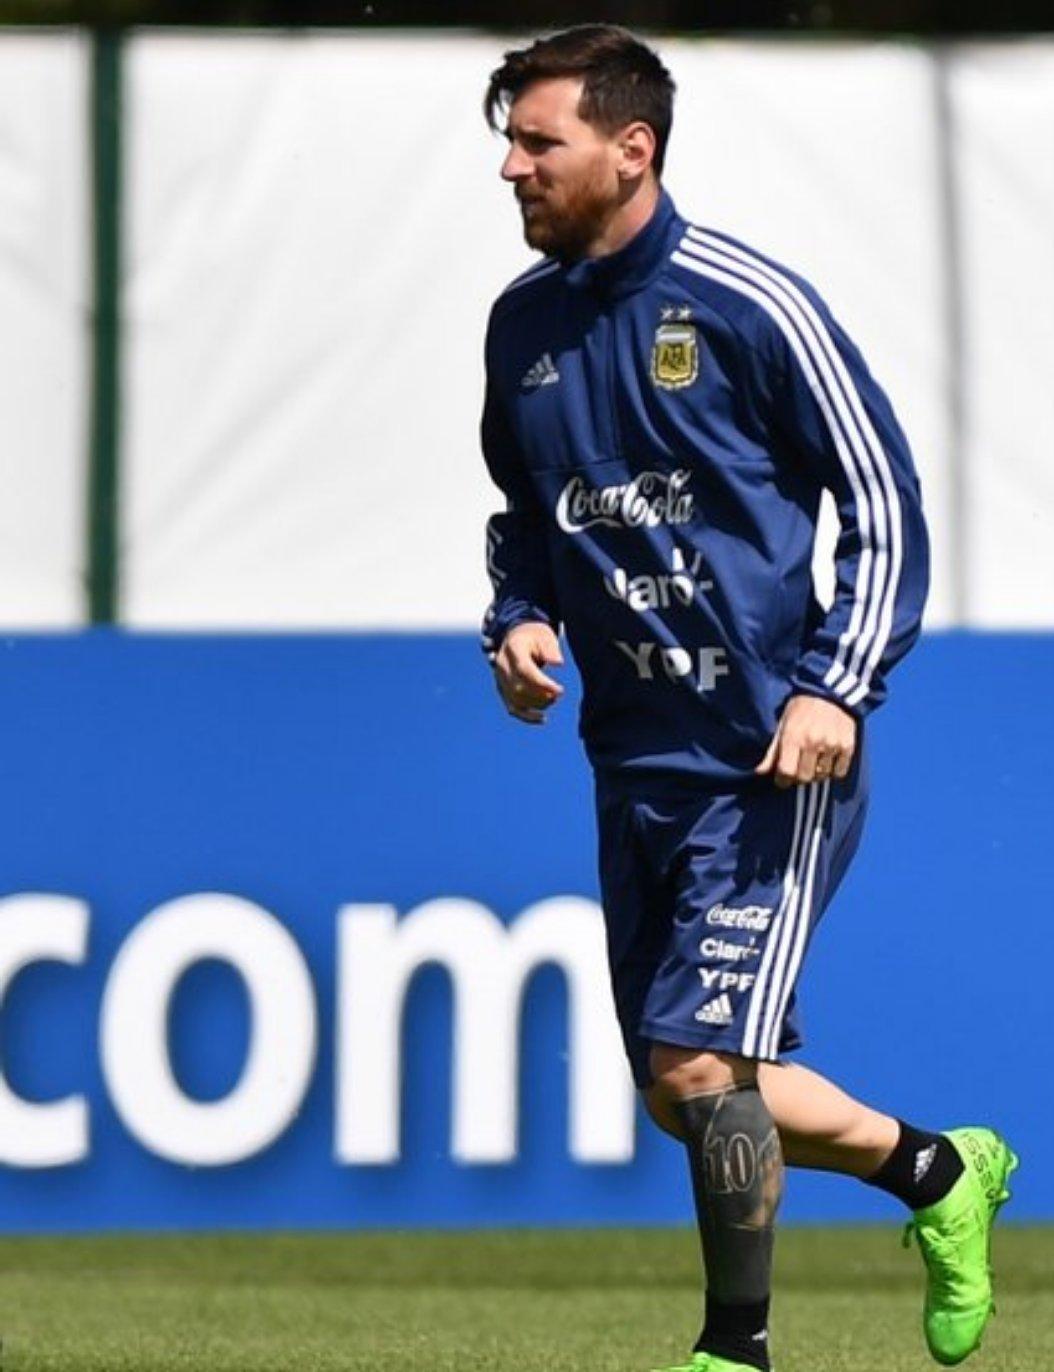 梅西、迪马利亚等球员,备战阿根廷与克罗地亚